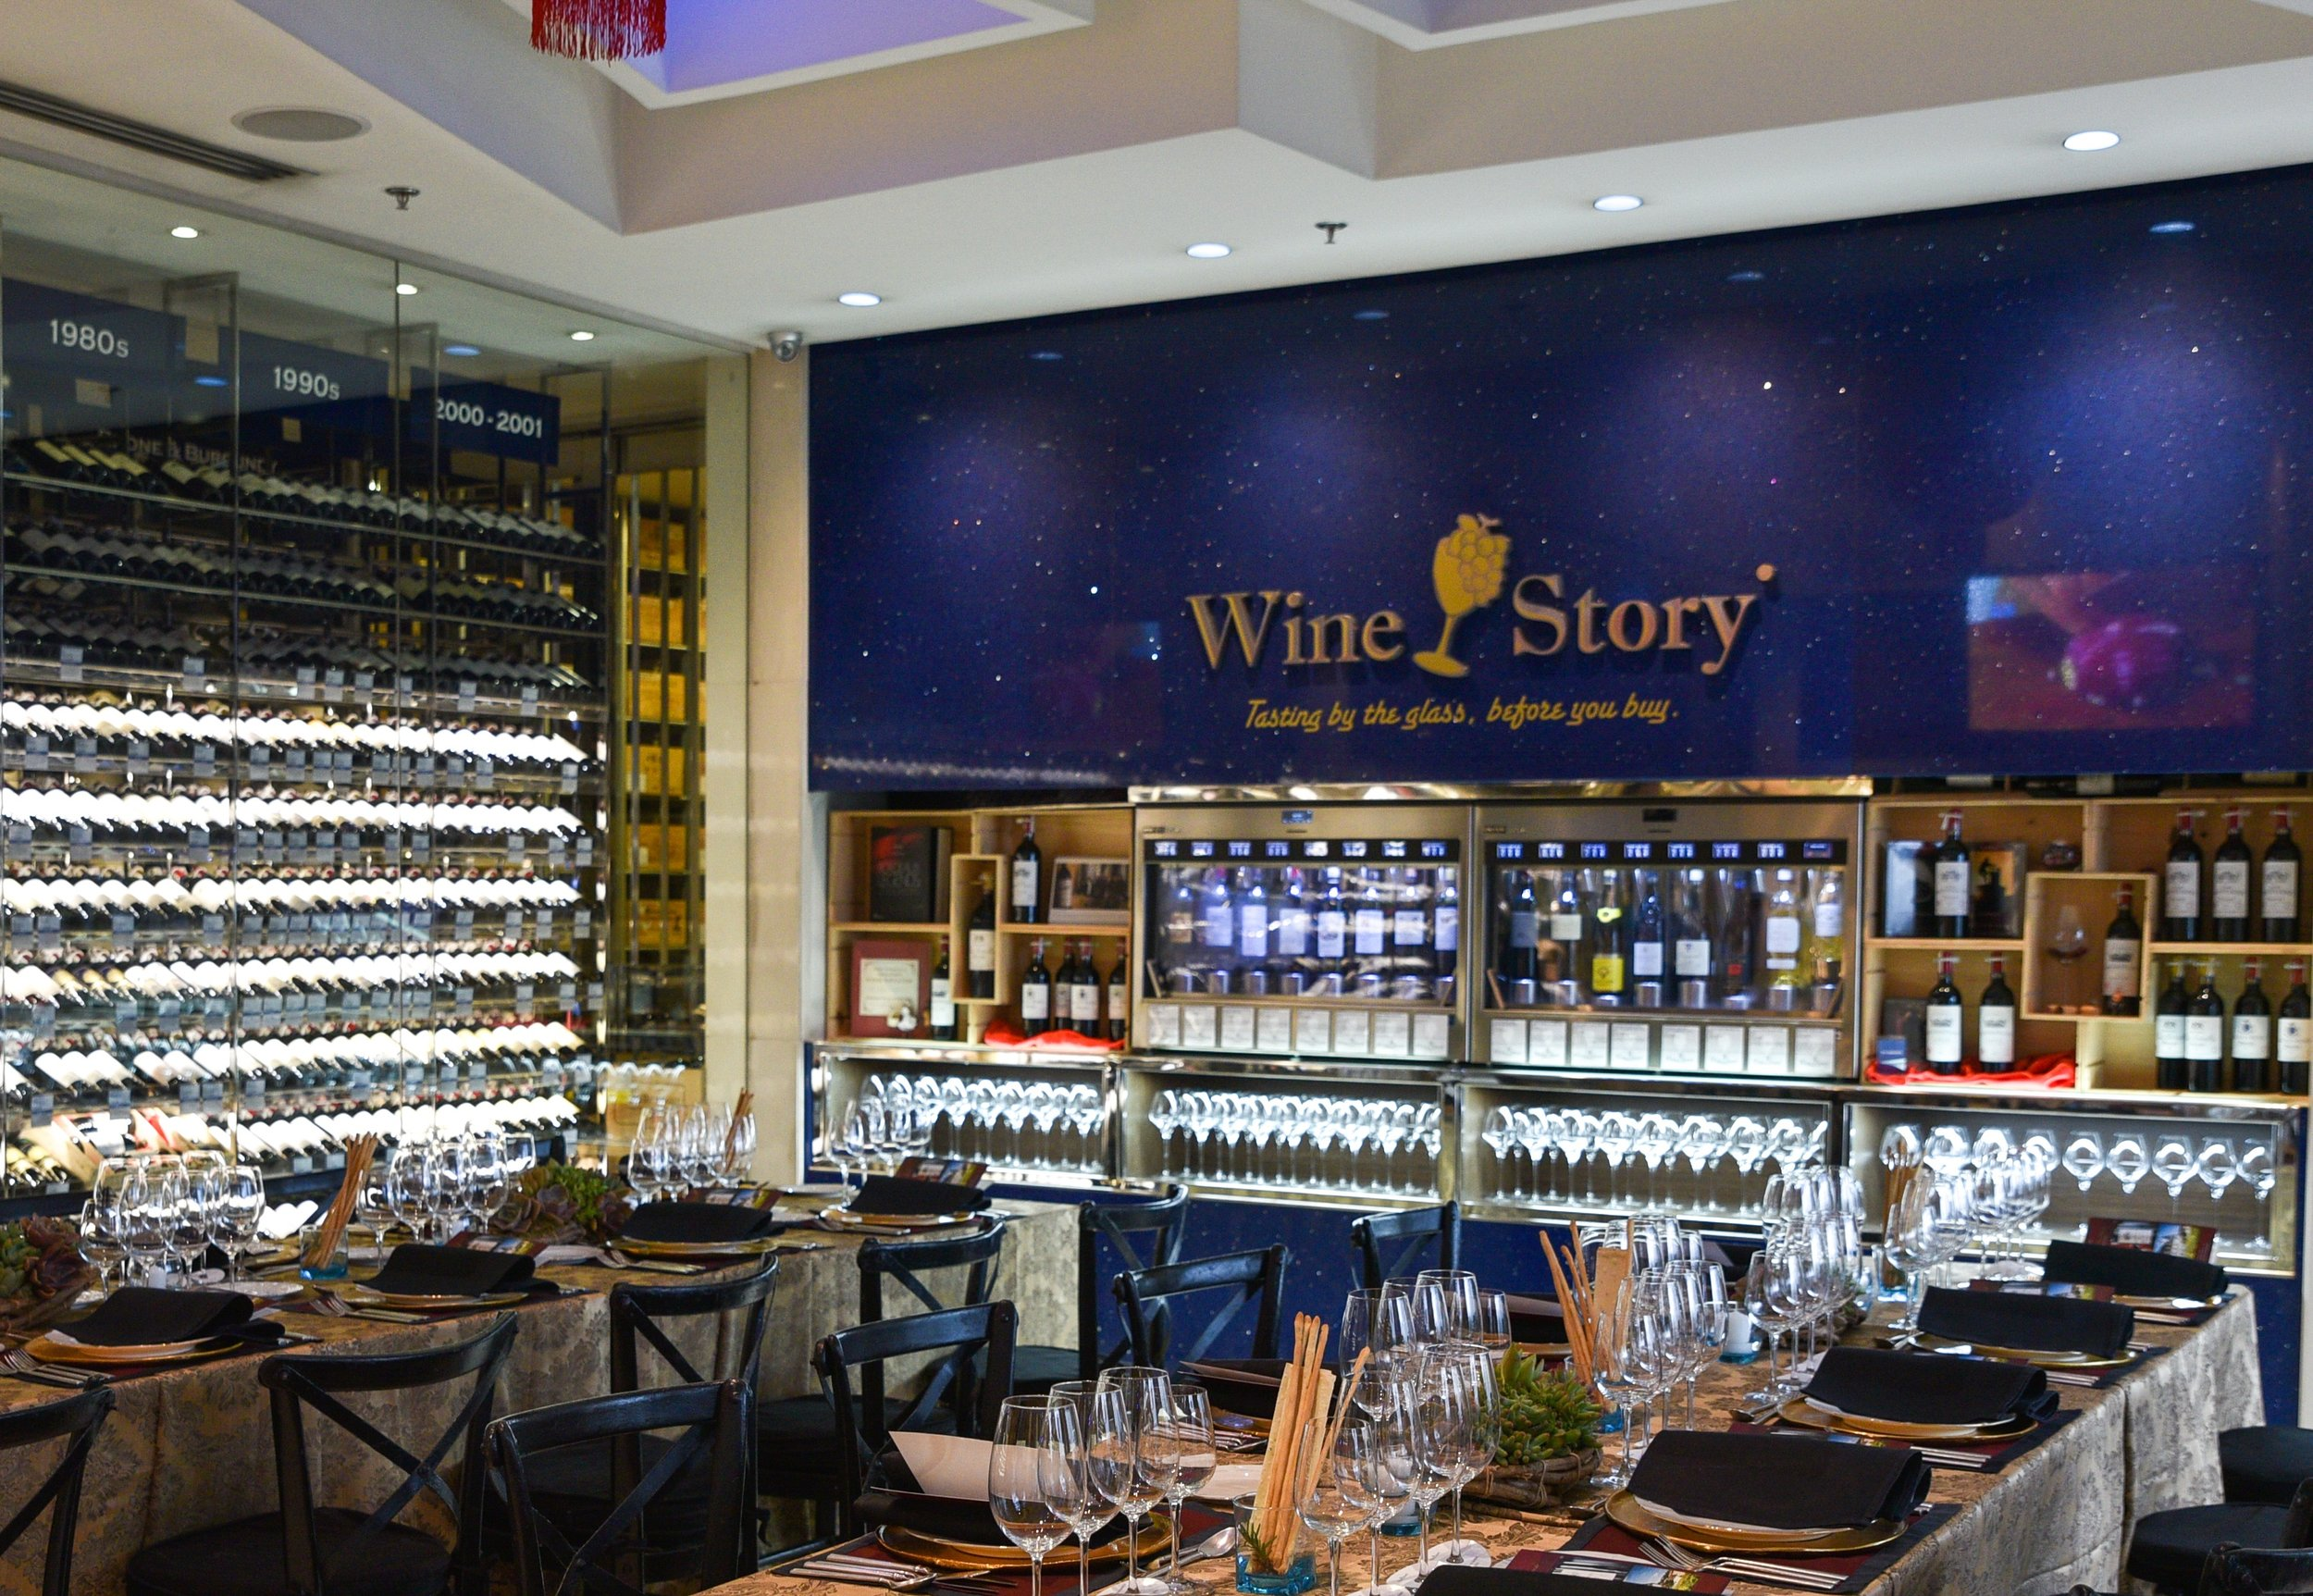 Wine Story Serendra - Enomatic Machine.jpg